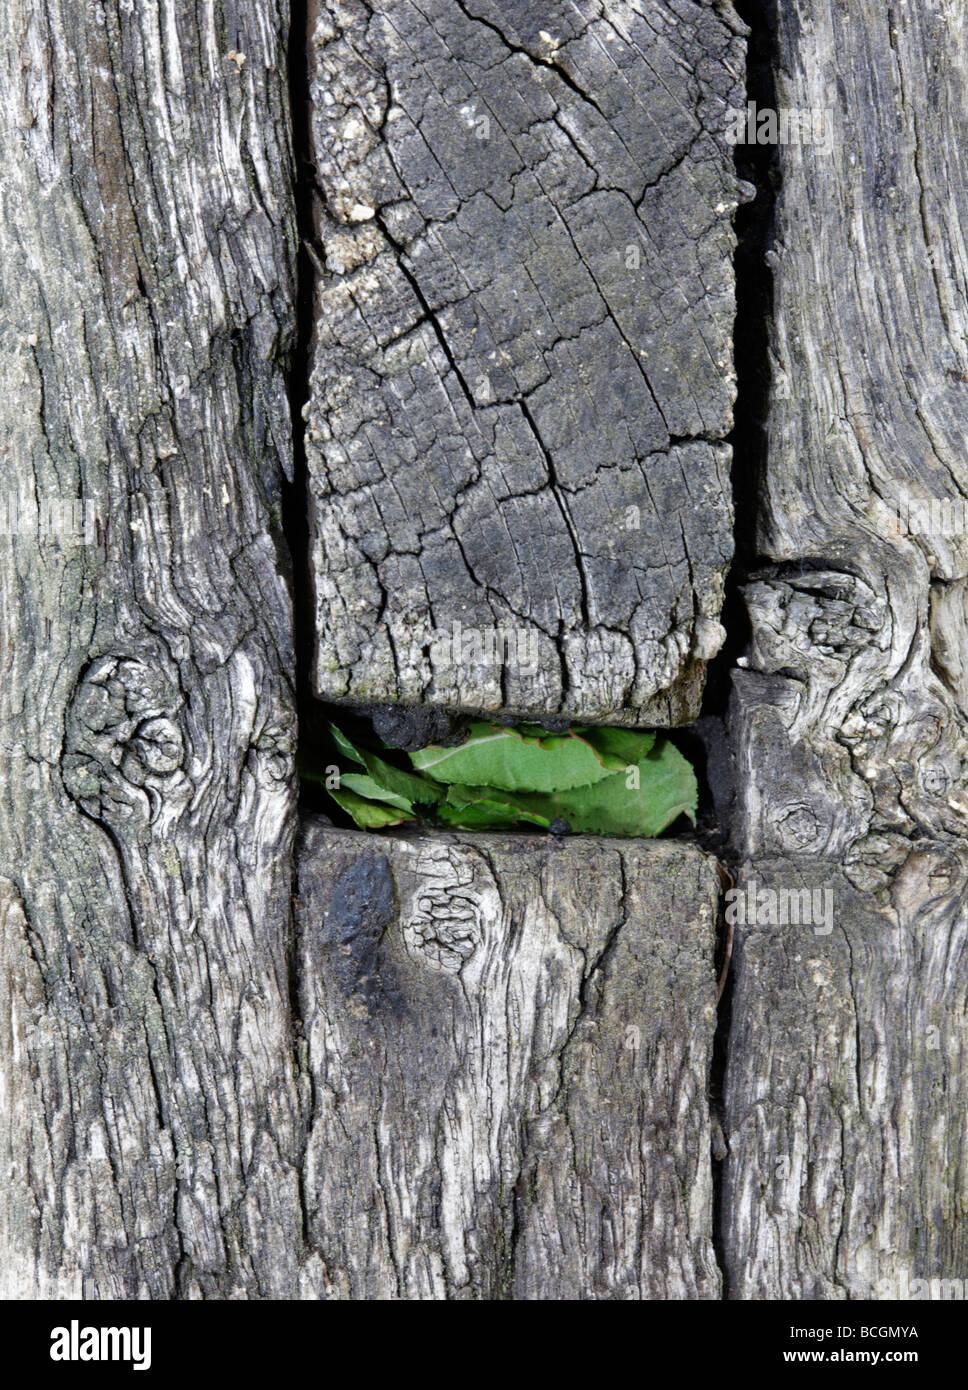 Megachile centuncularis nid d'abeilles coupeuses de feuilles scellé Photo Stock